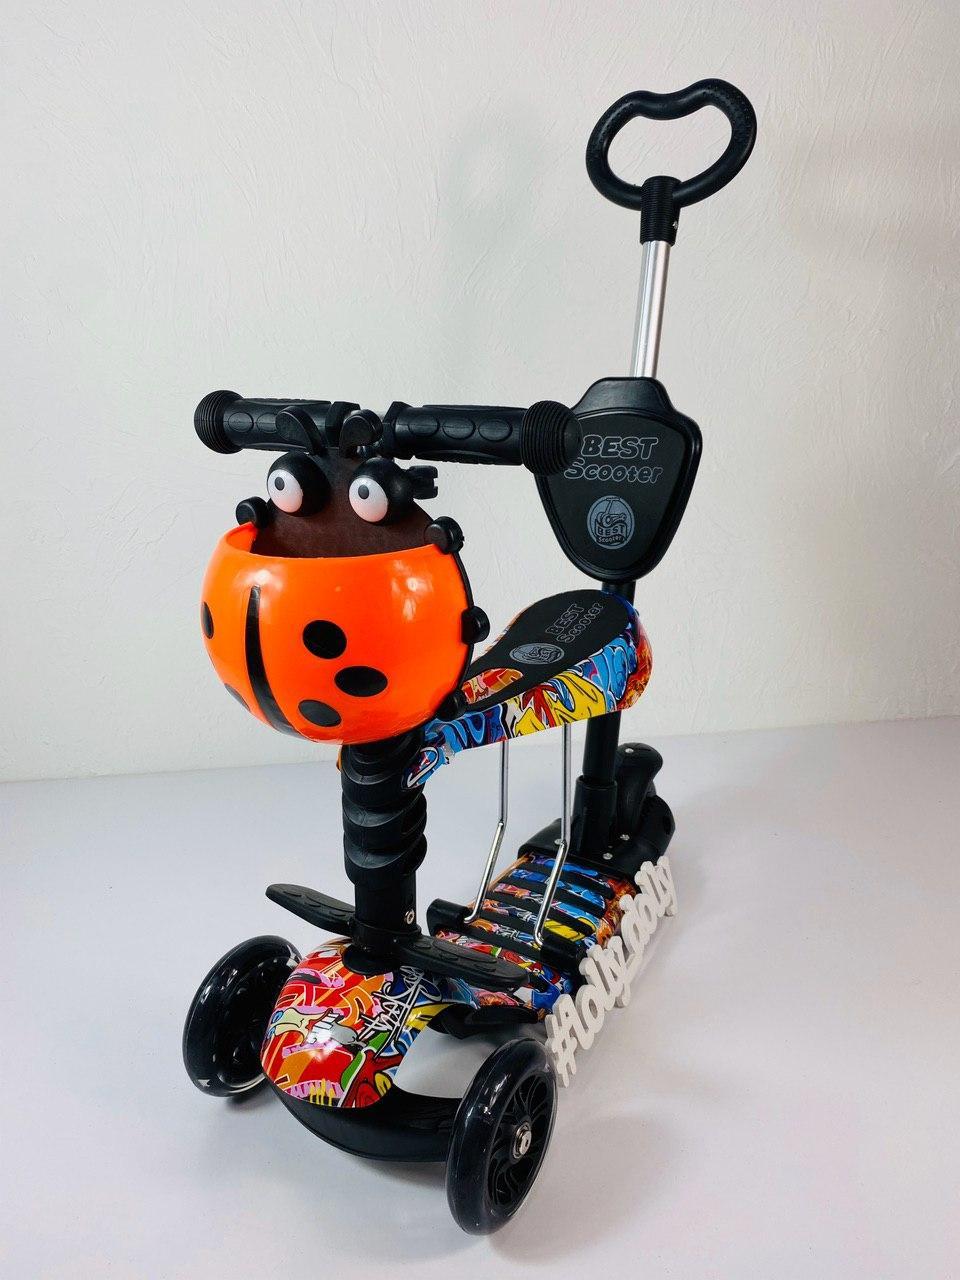 Самокат-беговел 5в1 Best Scooter с принтом Абстракция, Оранжевый